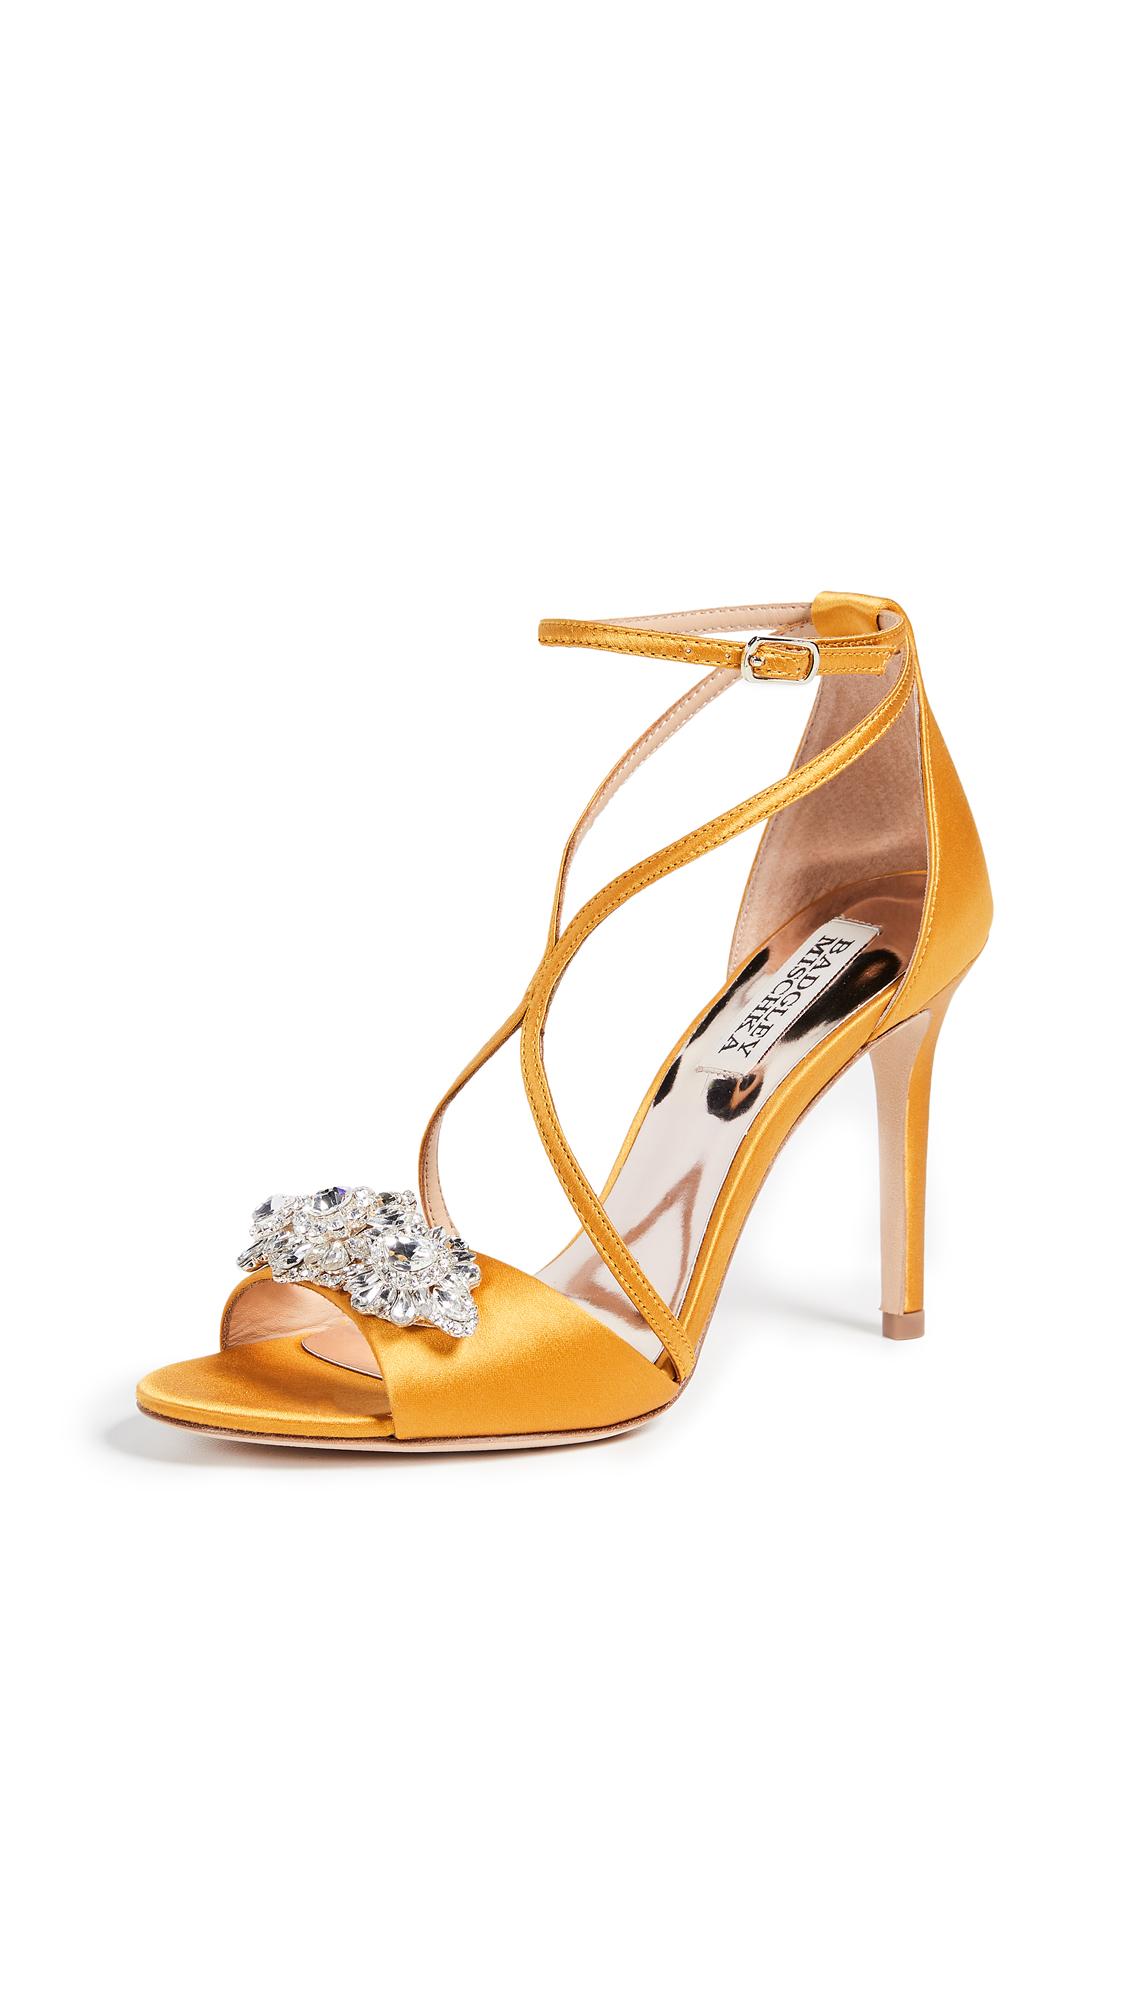 Badgley Mischka Vanessa Strappy Sandals - Old Gold